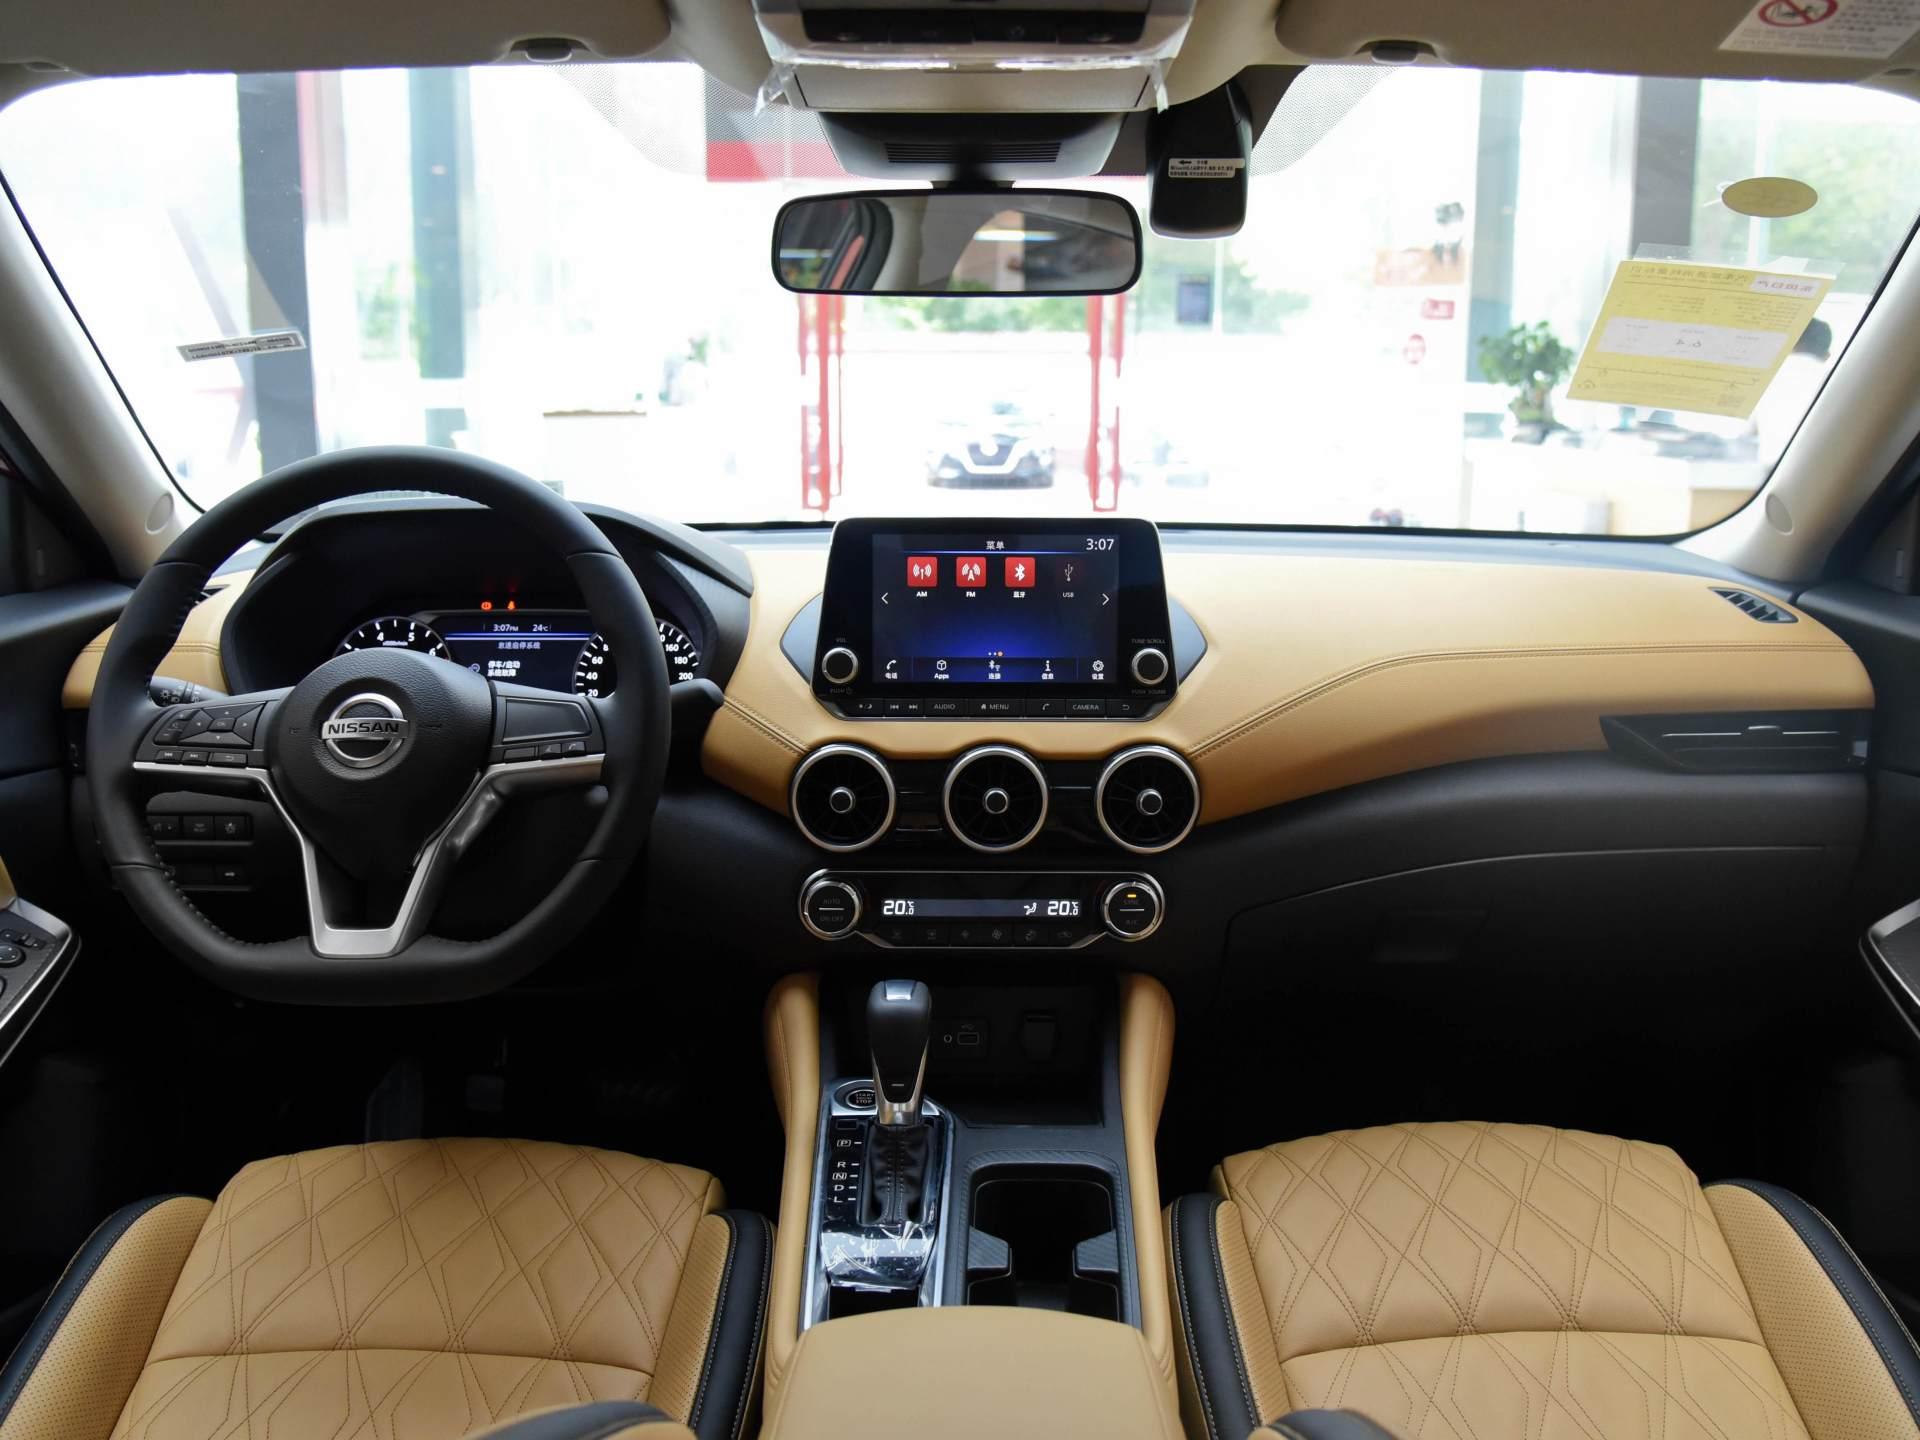 日產親民傢轎,軸距2712mm,1.6L+CVT售10萬起,配置不輸朗逸!-圖5